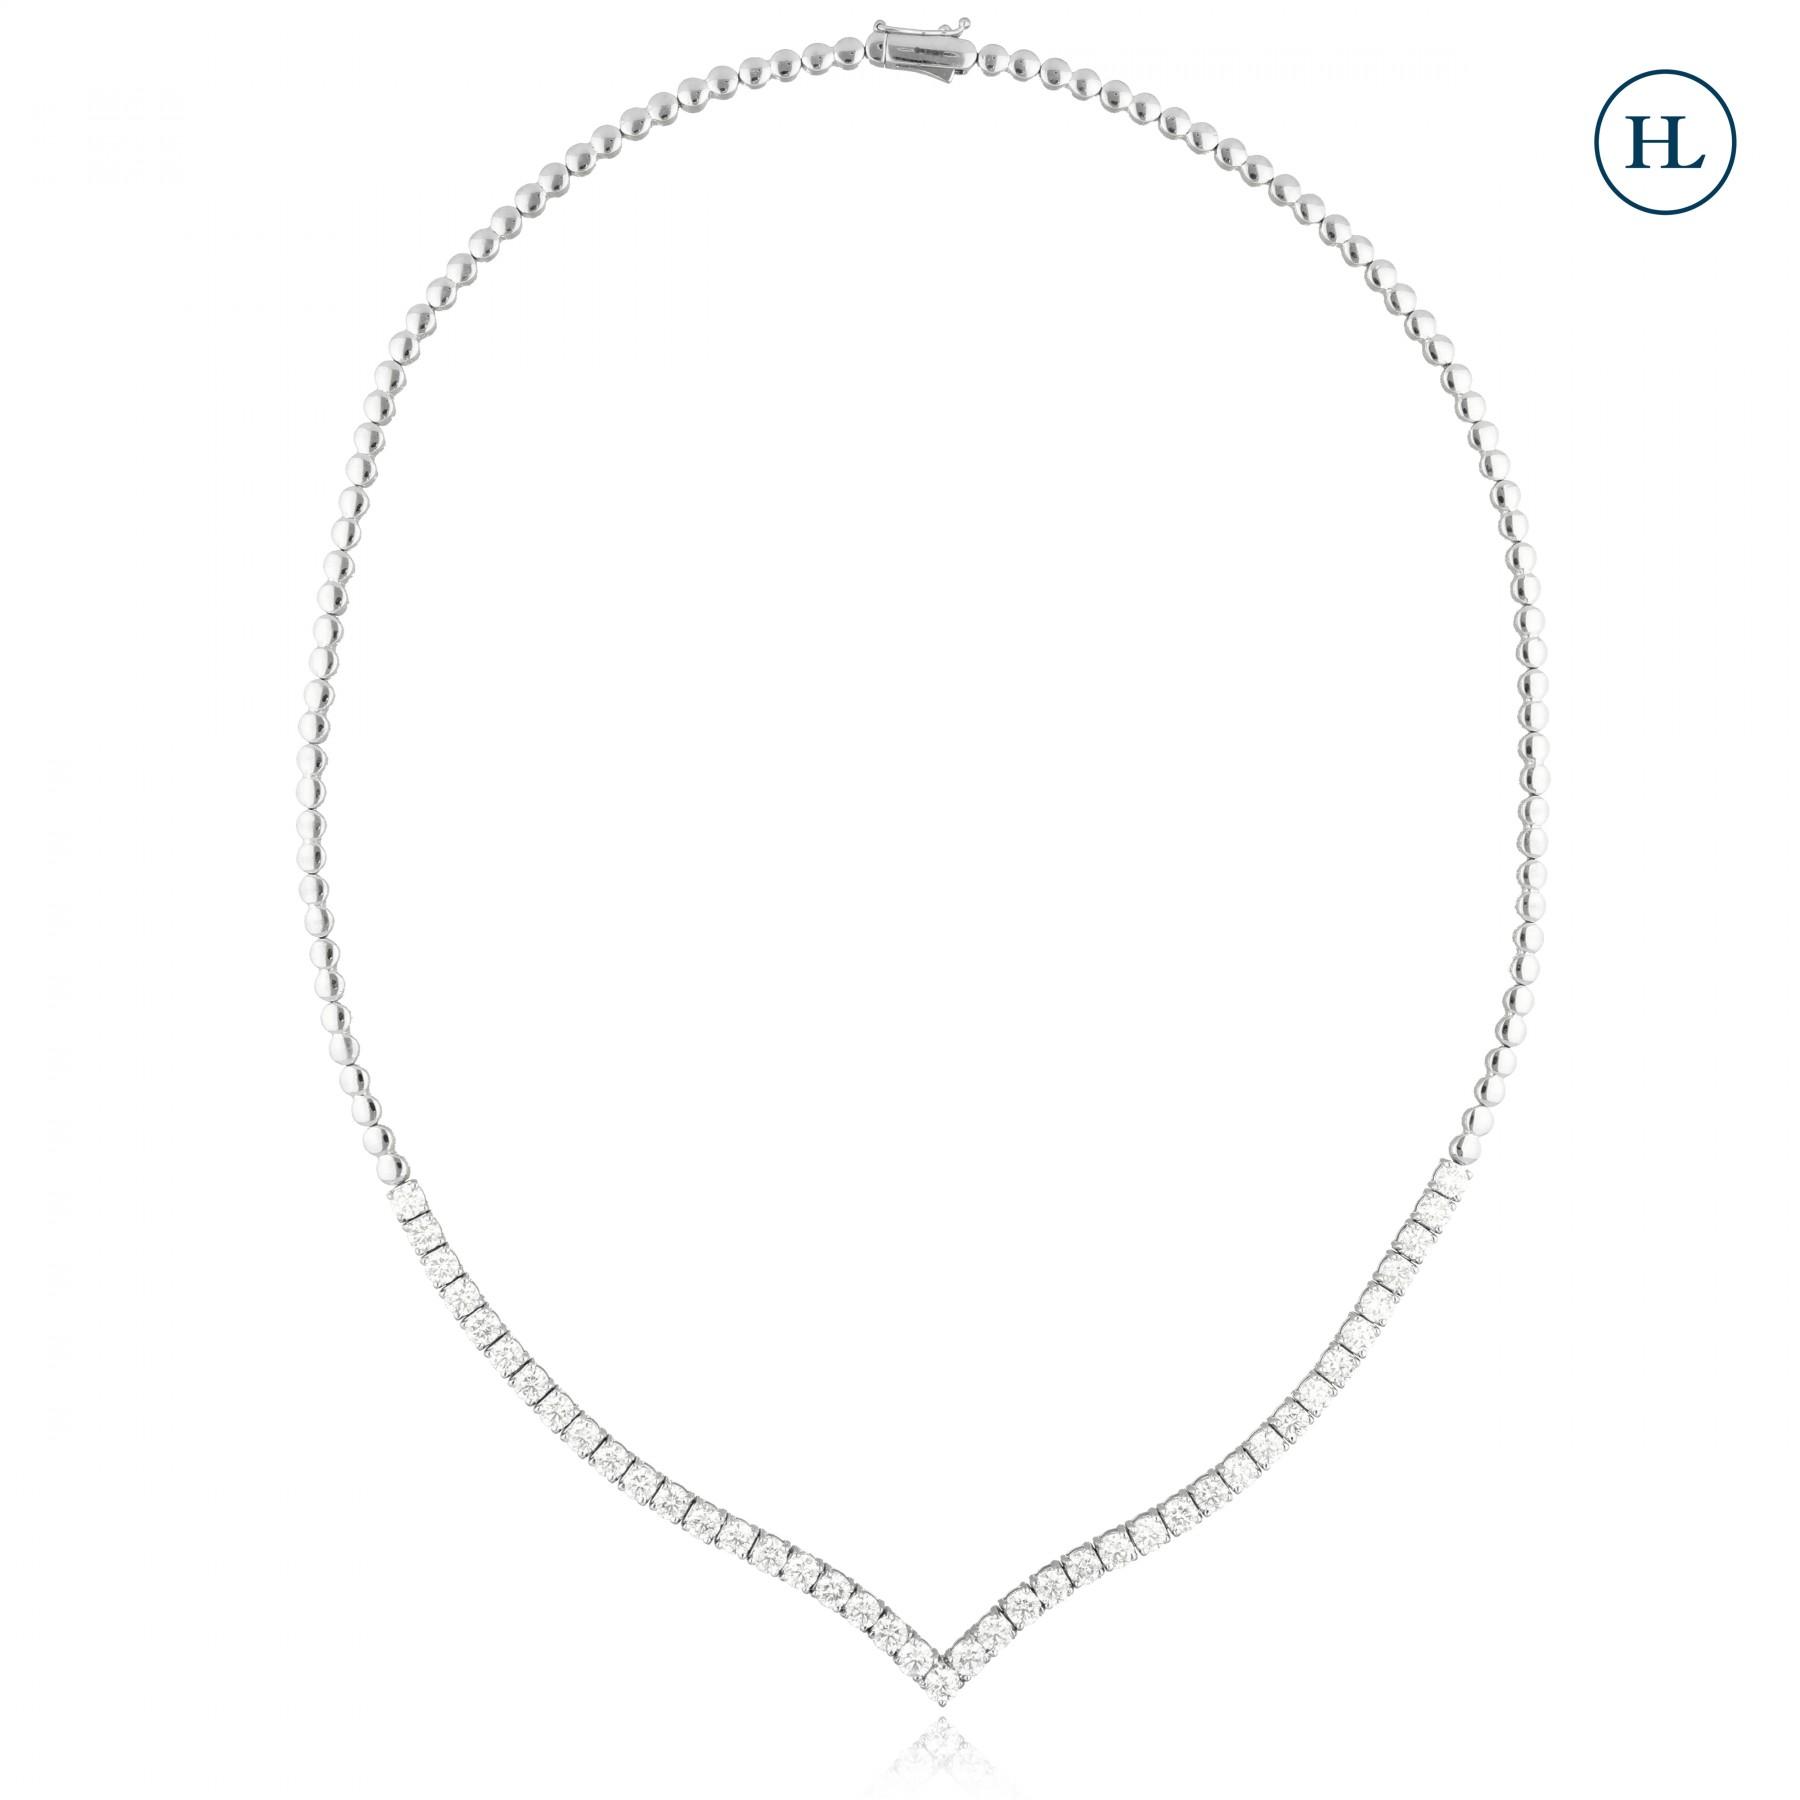 Versatile Single Line Diamond Necklace